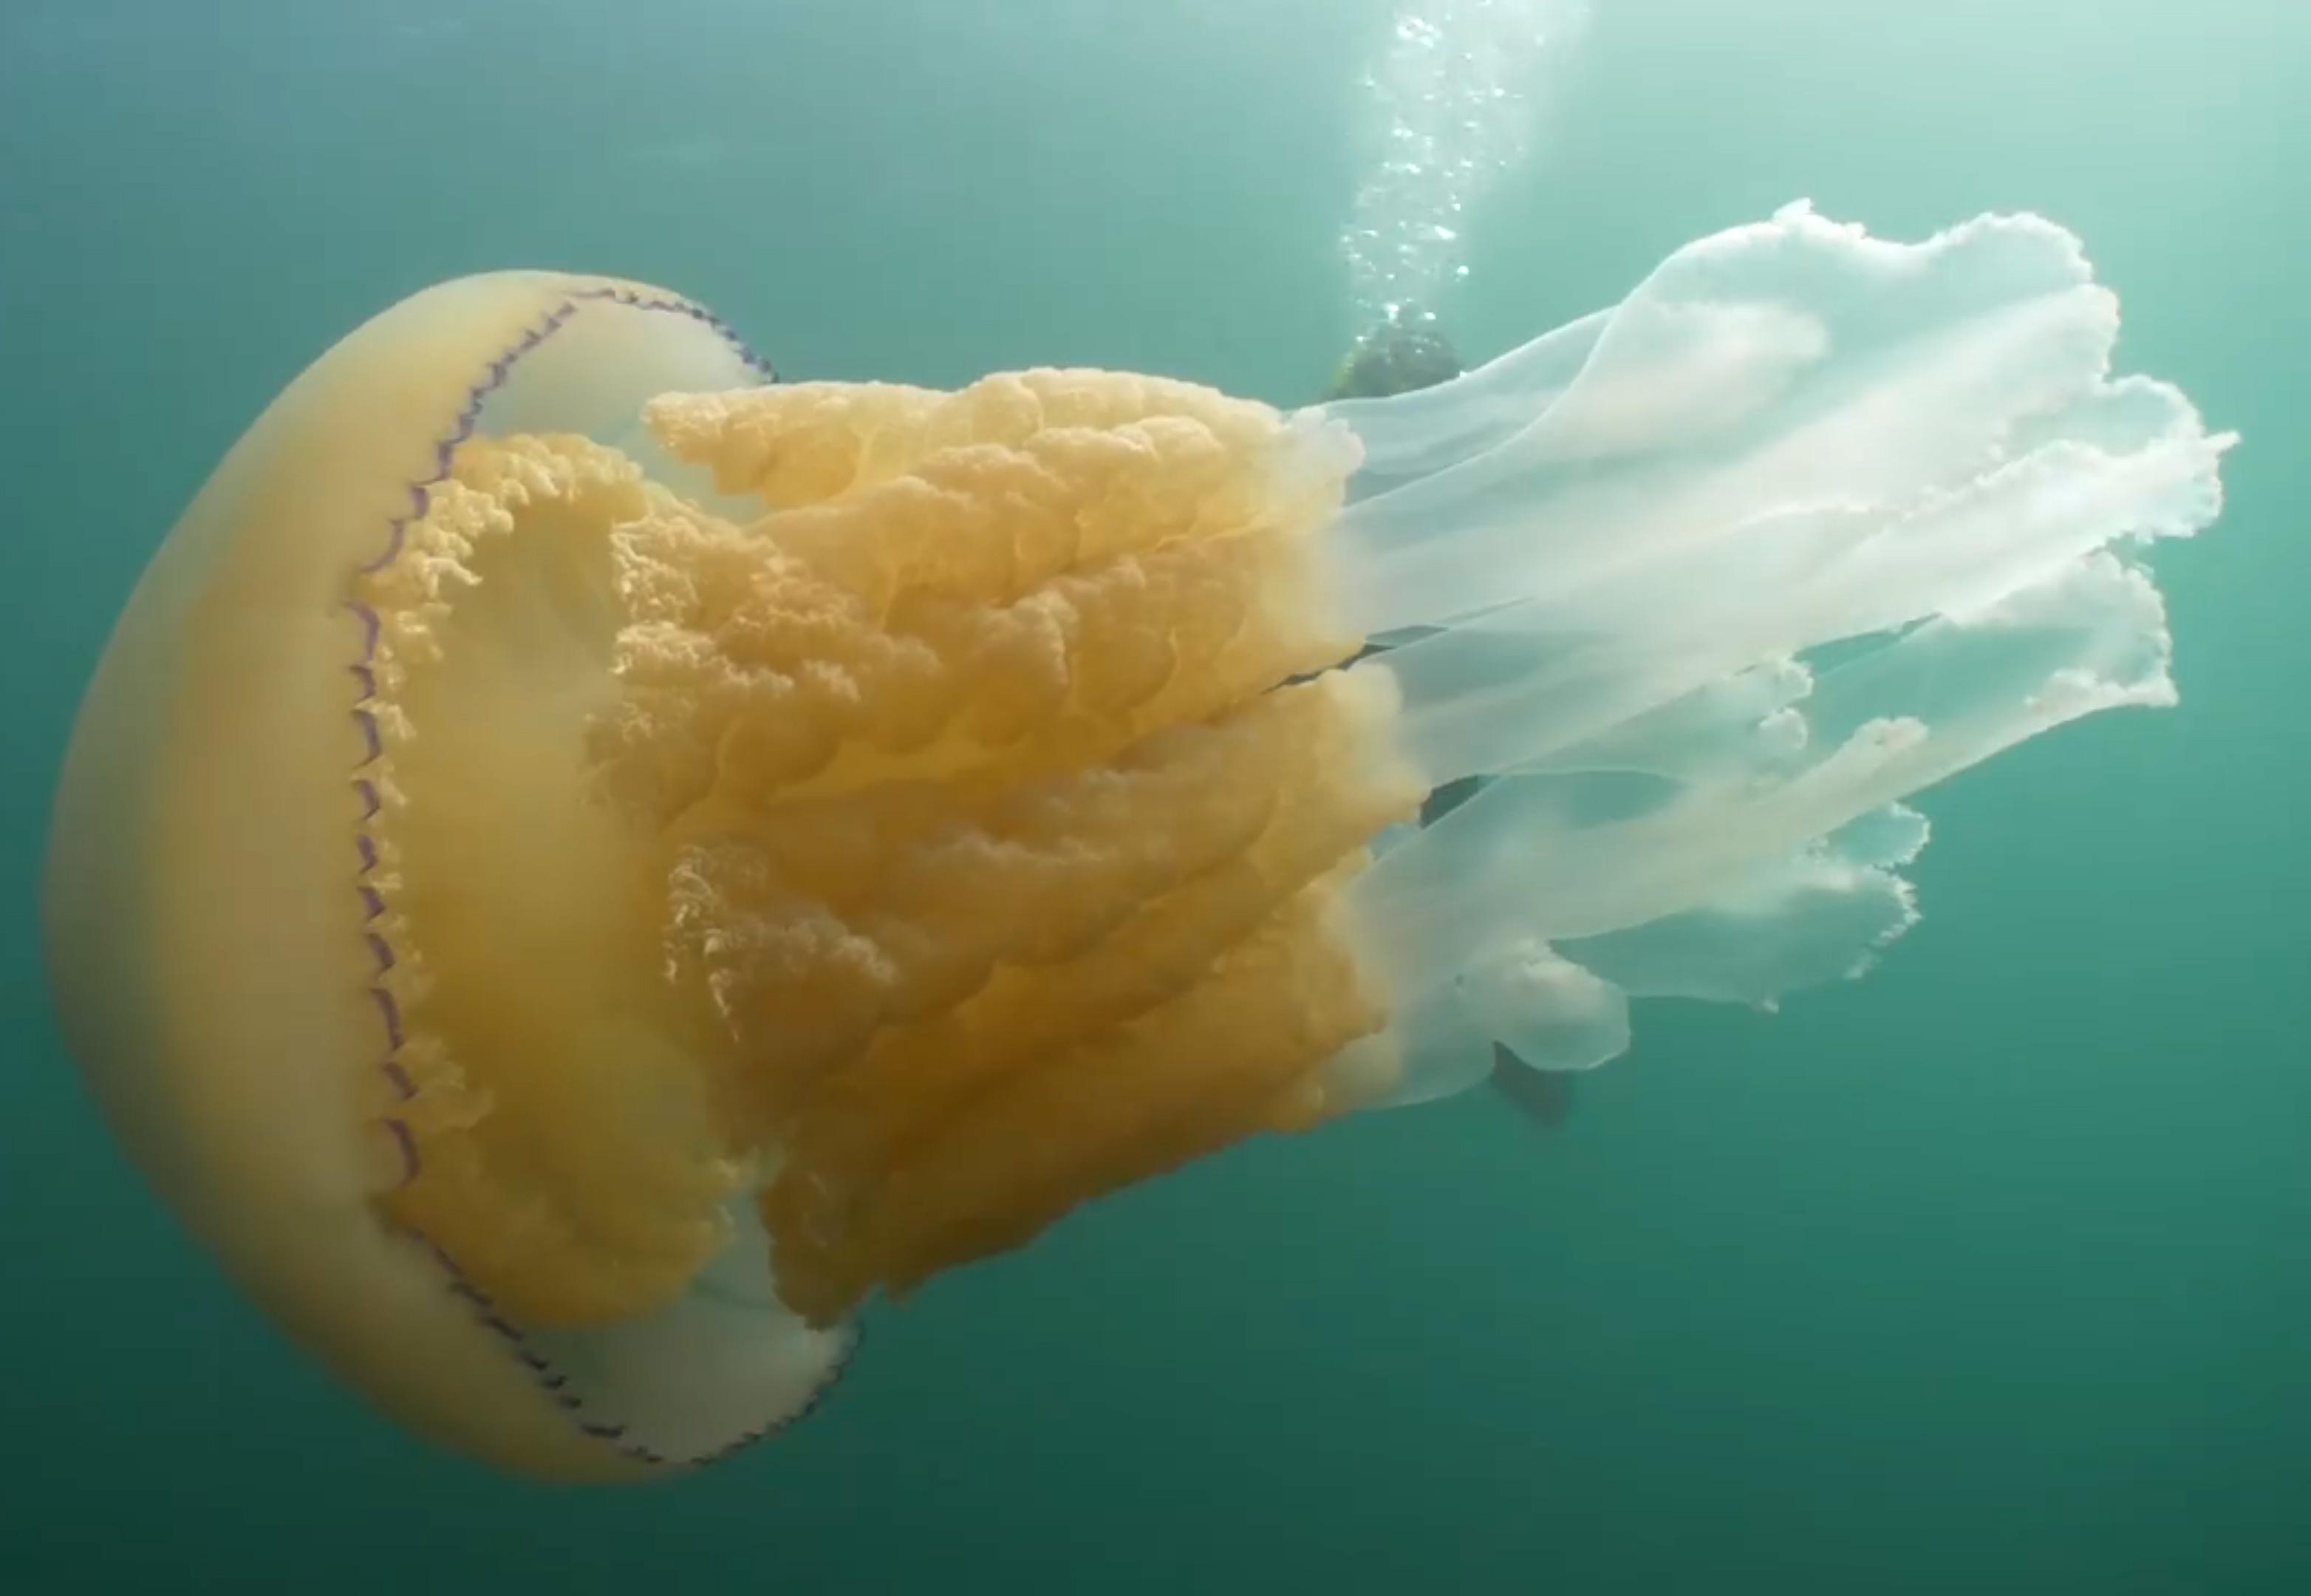 Une méduse géante aussi grosse qu'une plongeuse est apparue au large de la côte des Cornouailles